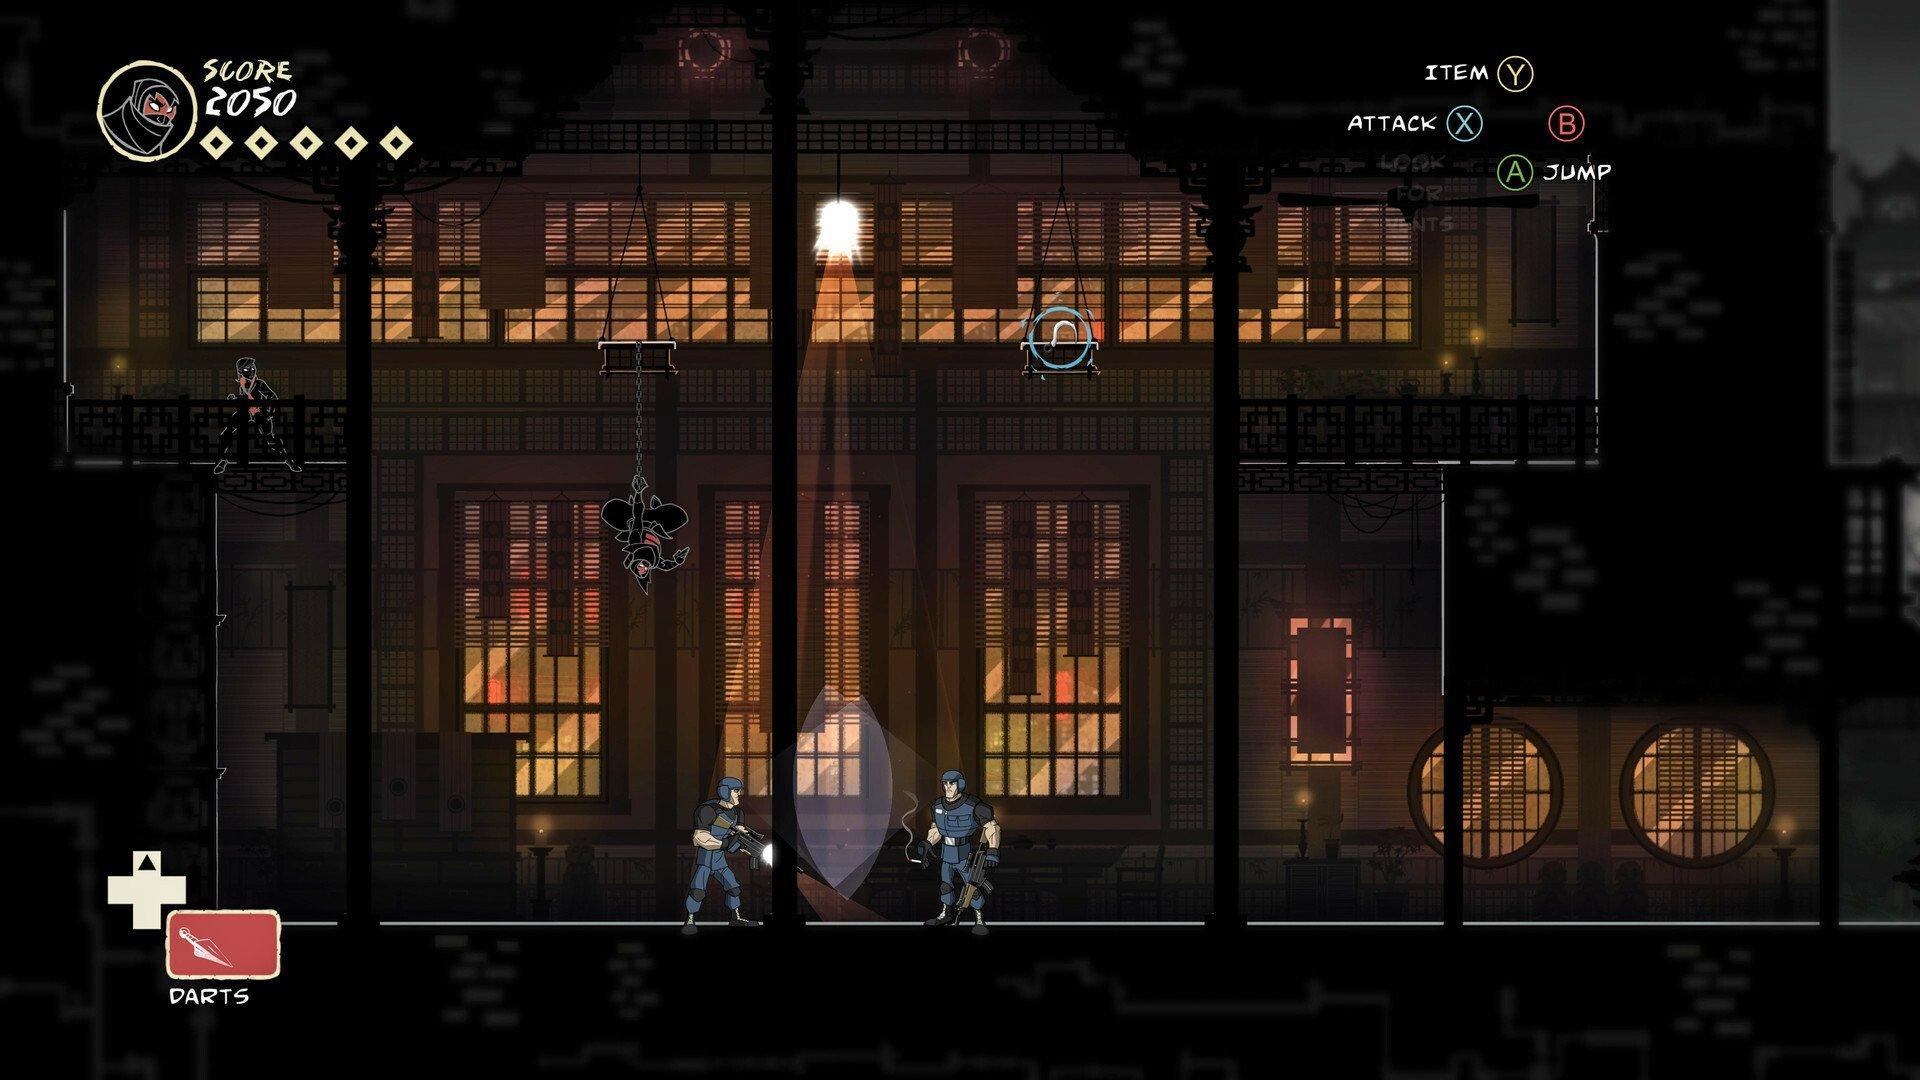 Скриншот к игре Mark of the Ninja: Remastered [GOG] (2012-2018) скачать торрент Лицензия